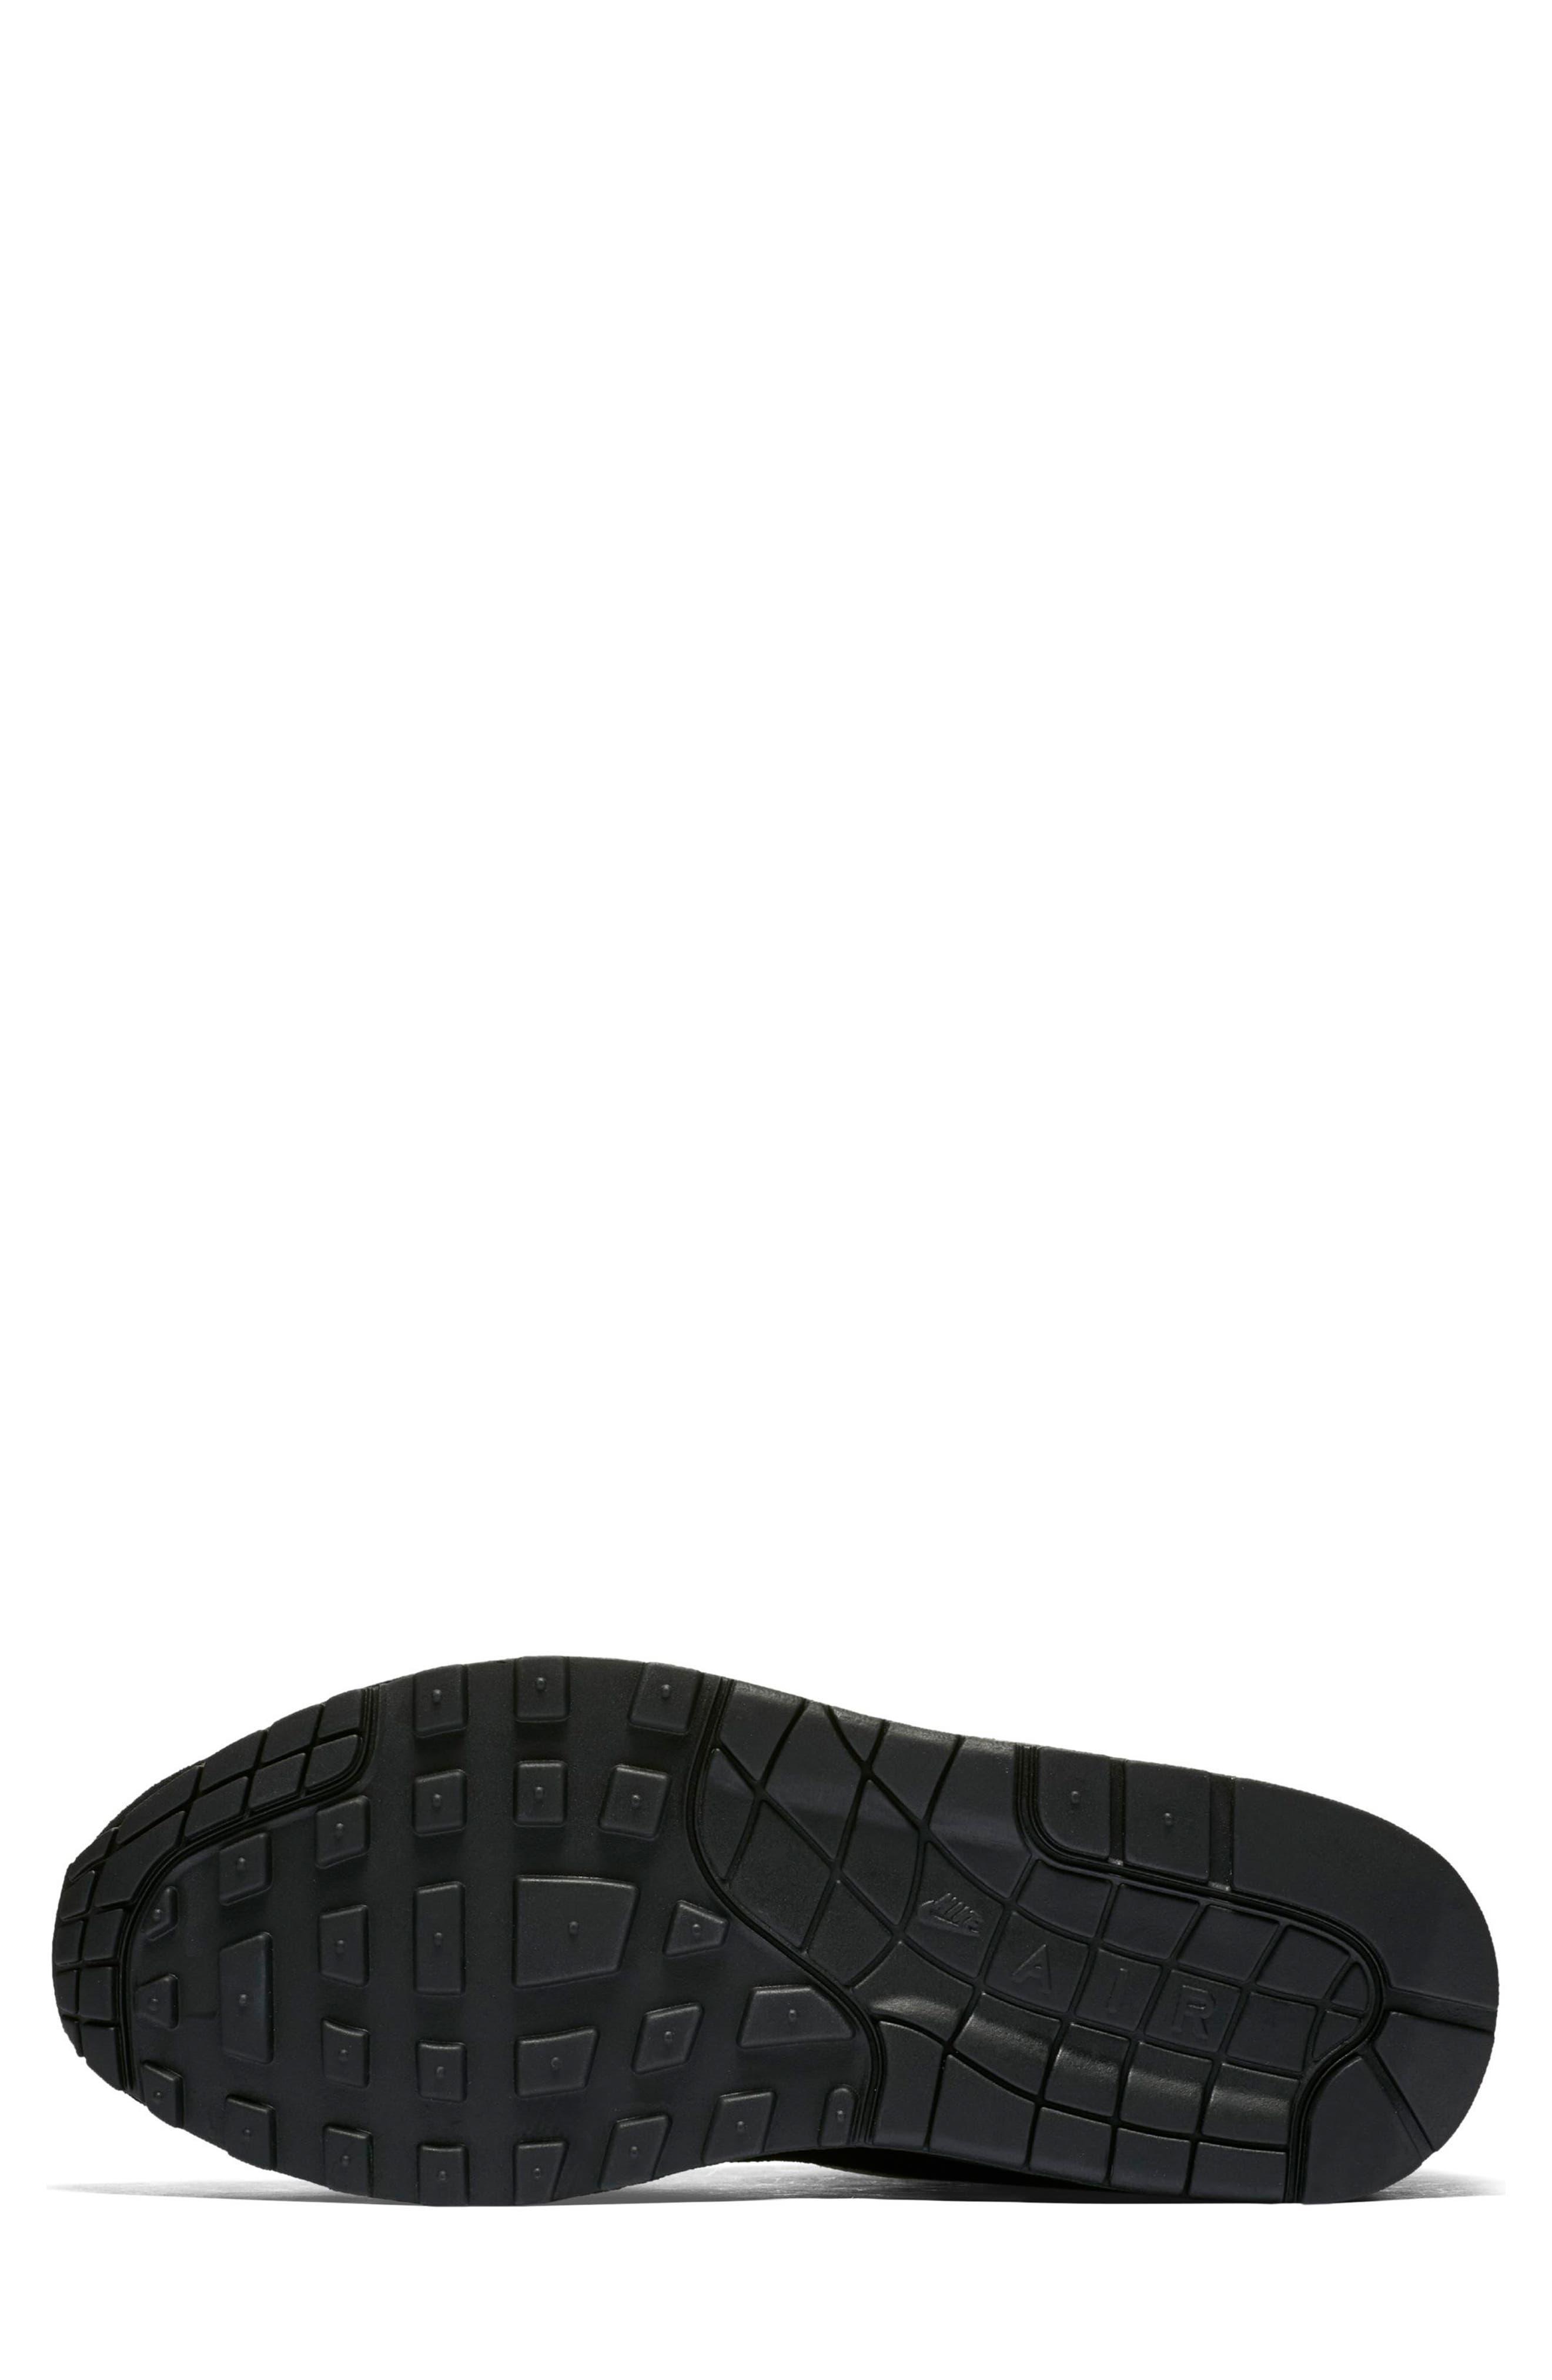 Air Max 1 Premium SC Sneaker,                             Alternate thumbnail 6, color,                             001